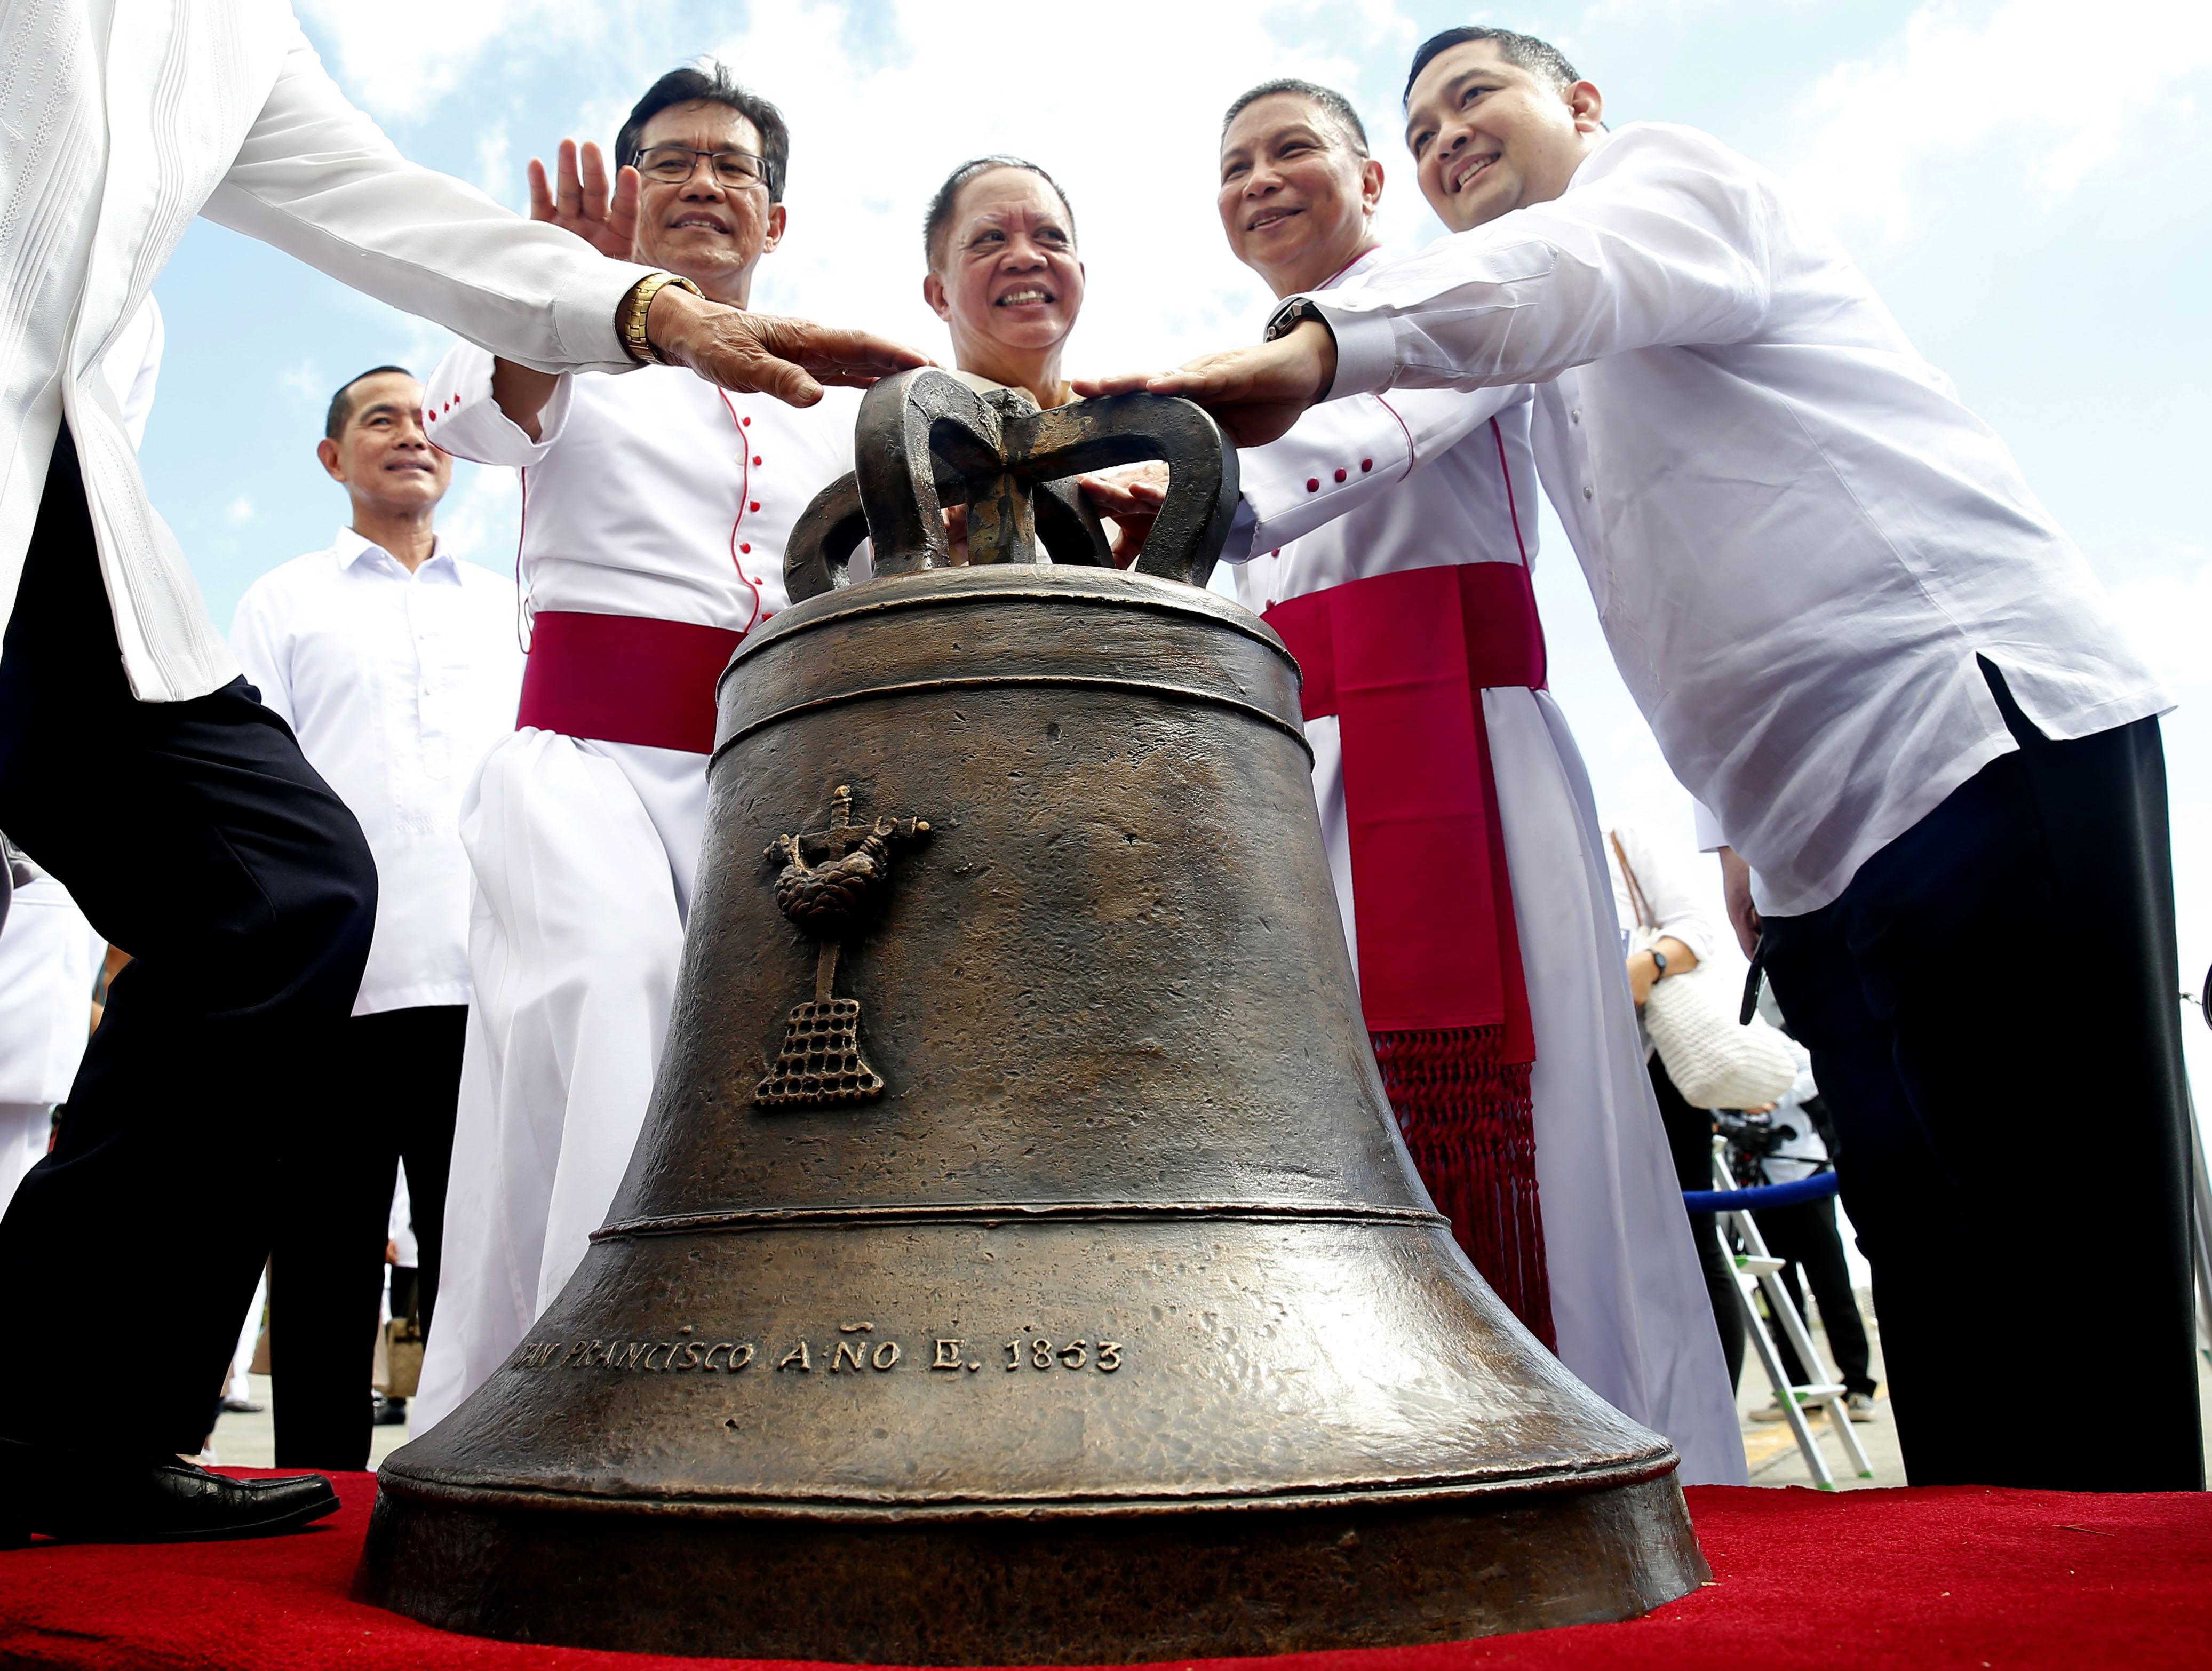 117年前被美軍奪走、做為戰利品的3座教堂大鐘,2018年12月15日物歸原主,抵達菲國中部巴朗吉佳鎮(Balangiga)廣場(AP)